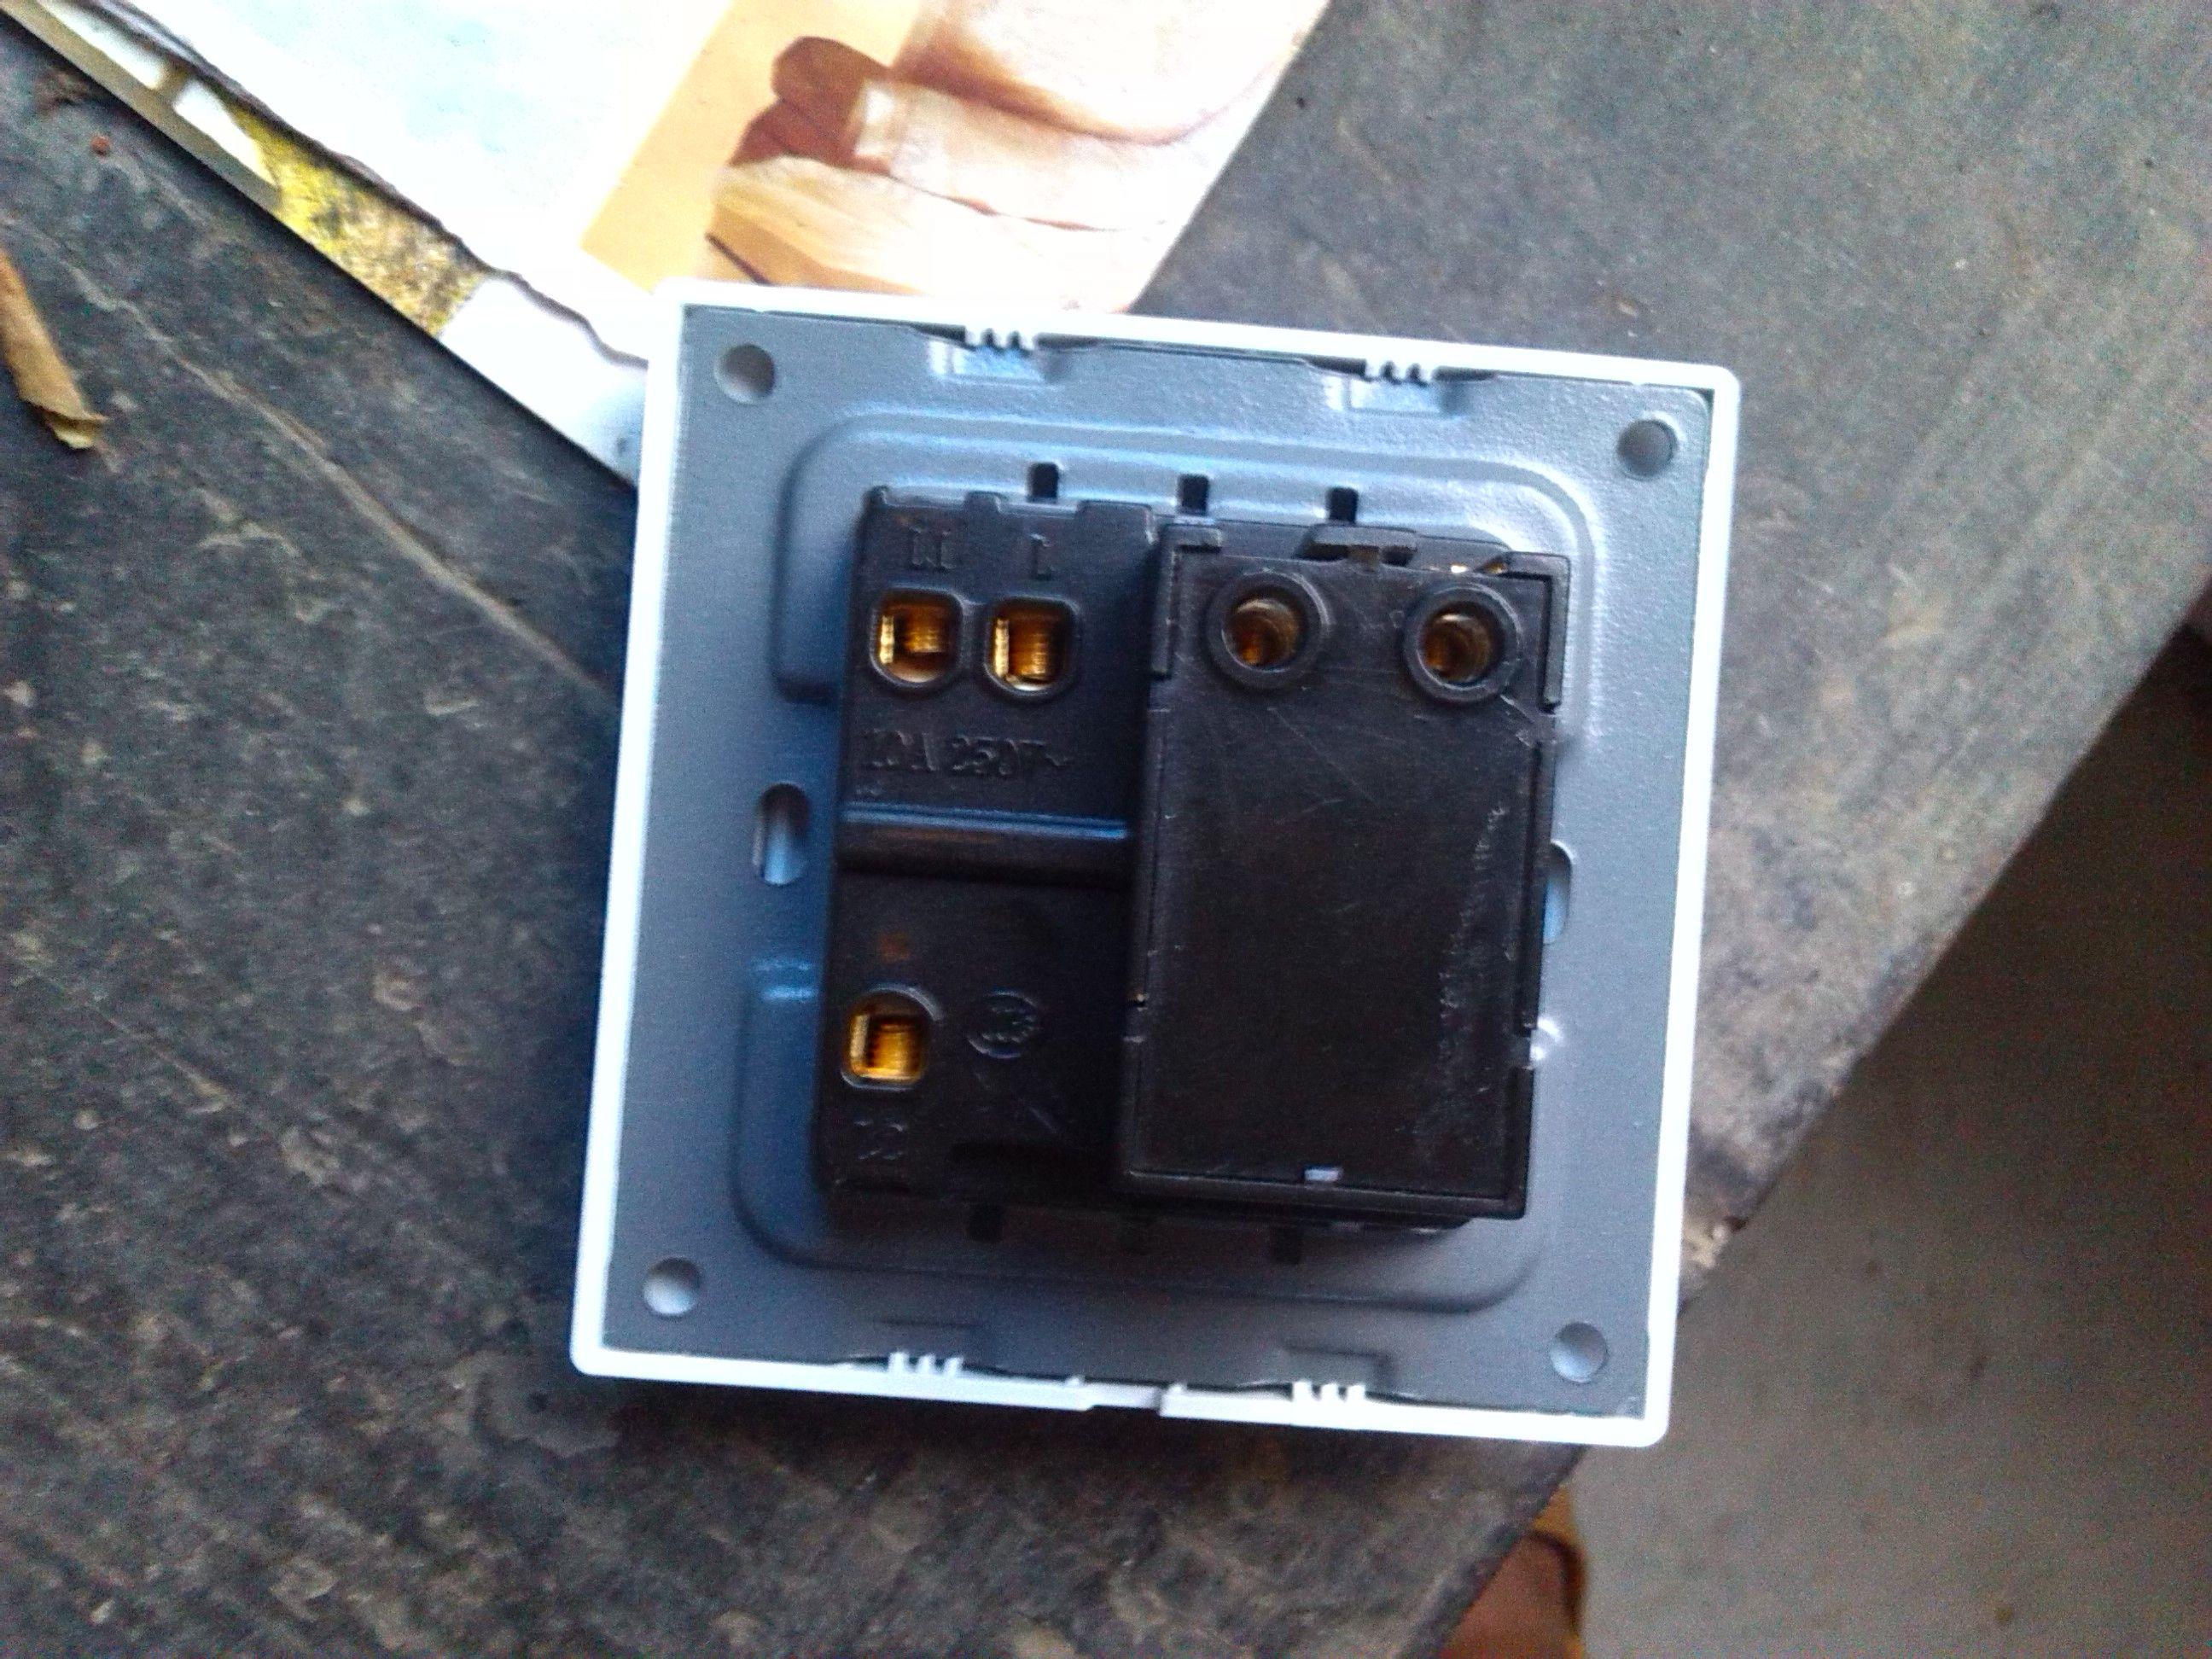 学装修 电风扇 吊扇调速器怎么 接线图片